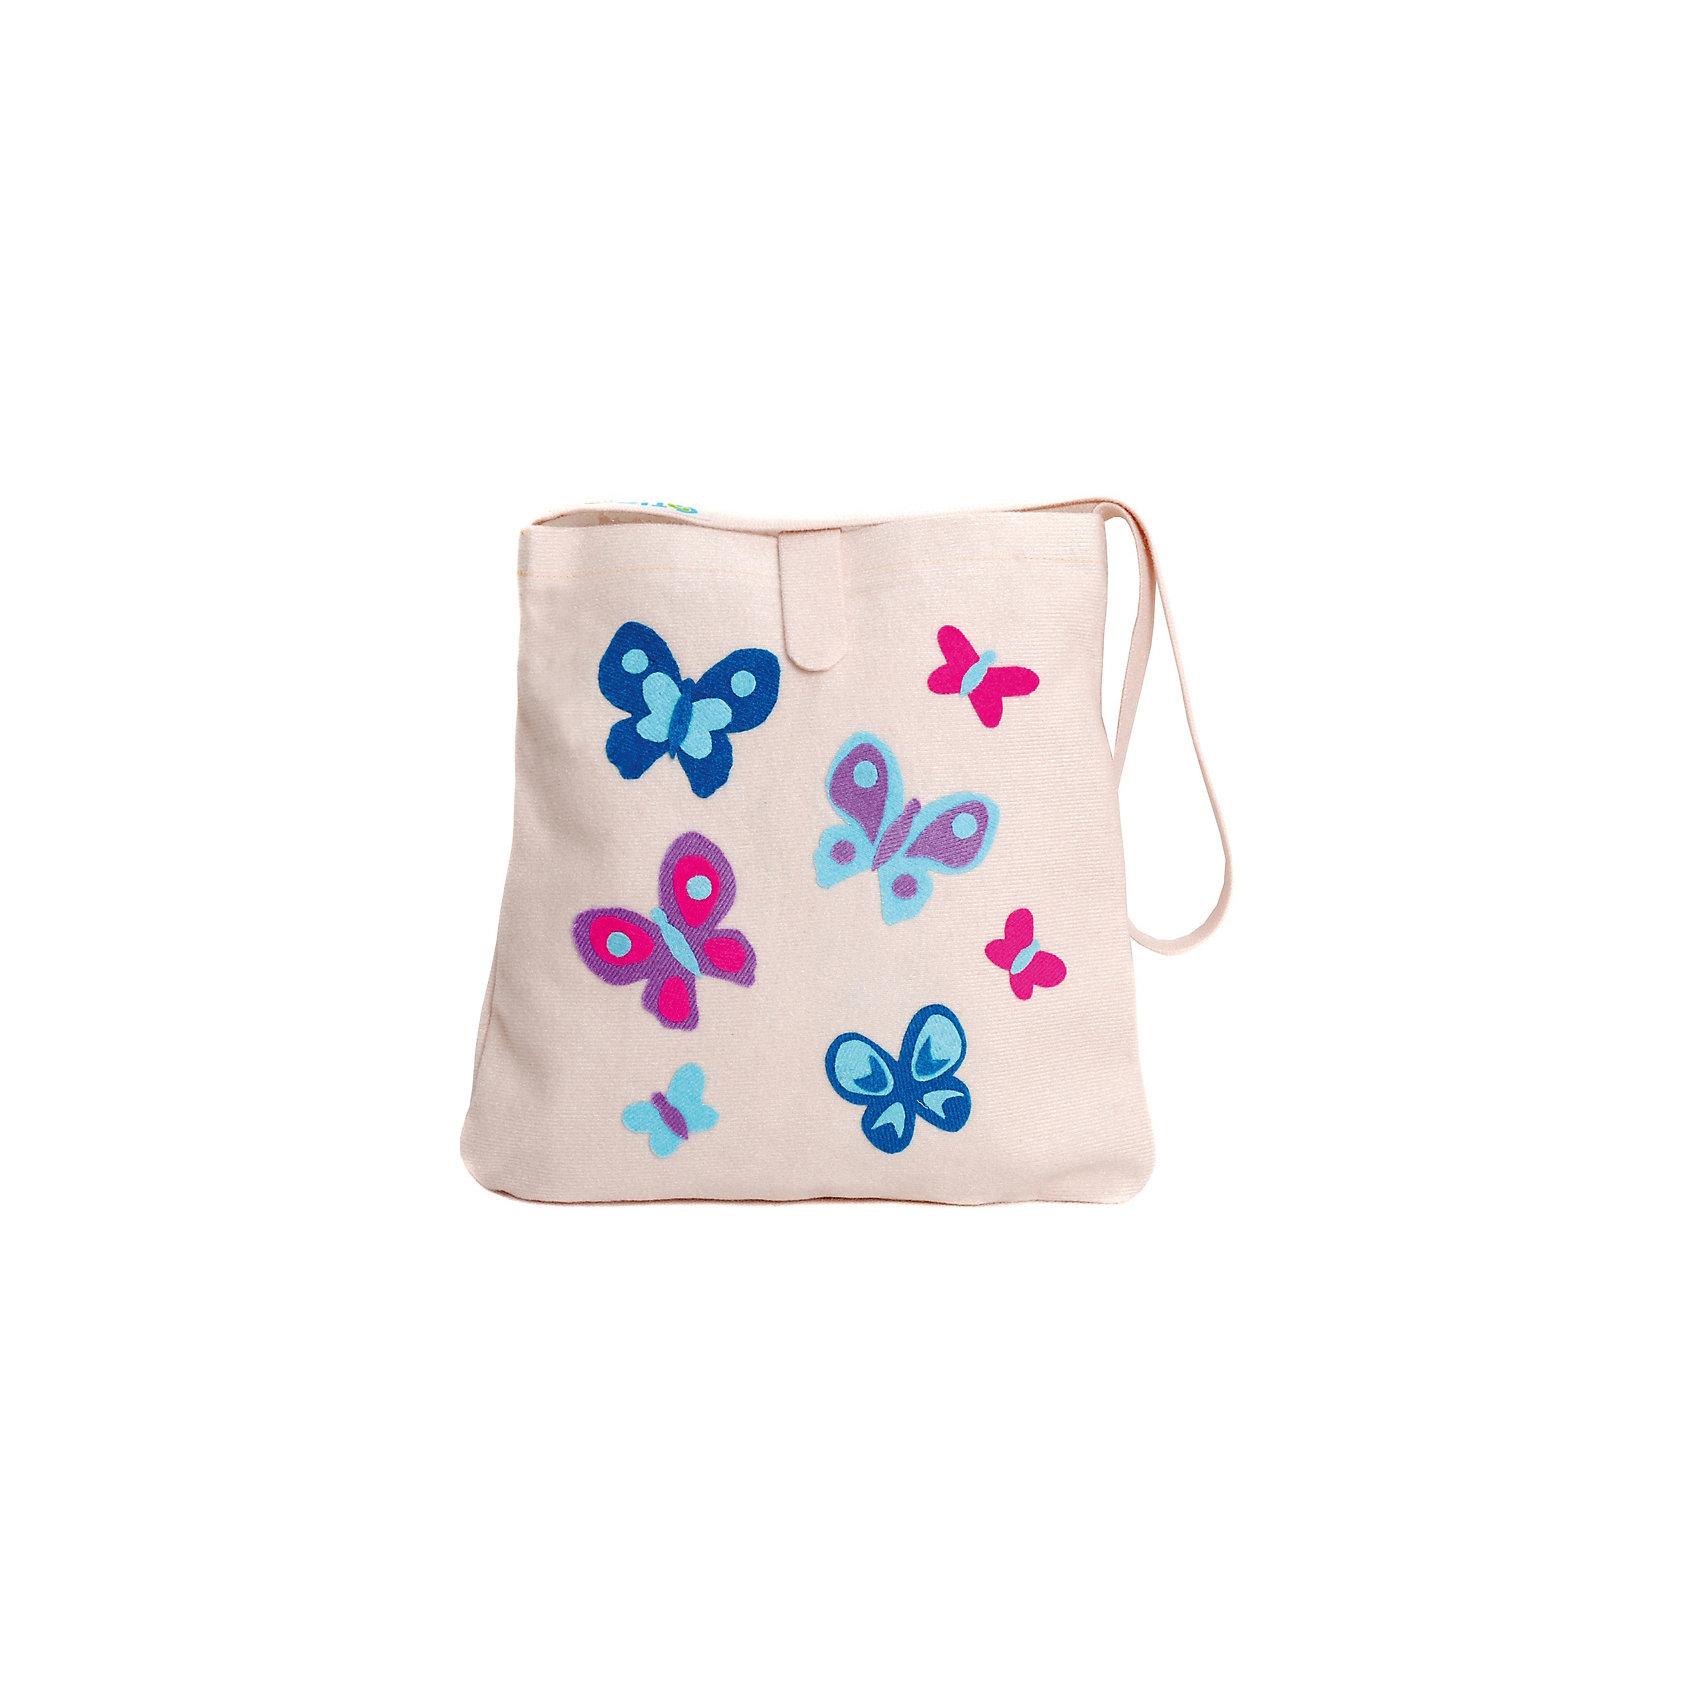 Стигис-аппликация Сумка детская, молочнаяШитьё<br>Если девочка давно мечтает о красивой сумке с оригинальной аппликацией, то ей обязательно понравится набор для стигис-аппликации на сумке. Ребенок сможет самостоятельно придумать дизайн и воссоздать его на сумочке при помощи ткани с термоклеевым слоем. Достаточно вырезать нужные элементы, выложить их на сумку и прогладить утюгом - красивая и практичная сумочка готова! В случае ошибки ткань можно снова прогладить утюгом, и она отклеится. Такой вид детского творчество хорошо развивает аккуратность, воображение и дизайнерские способности. Отличный подарок для юных рукодельниц!<br><br>Дополнительная информация: <br>В комплекте: сумка, кусочки stigis-ткани, выкройки, инструкция<br>Цвет: молочный<br>Размер: 3,5х27х20 см<br>Вес: 110 грамм<br>Набор для стигис-аппликации можно купить в нашем интернет-магазине.<br><br>Ширина мм: 200<br>Глубина мм: 270<br>Высота мм: 35<br>Вес г: 110<br>Возраст от месяцев: 60<br>Возраст до месяцев: 120<br>Пол: Унисекс<br>Возраст: Детский<br>SKU: 4939427